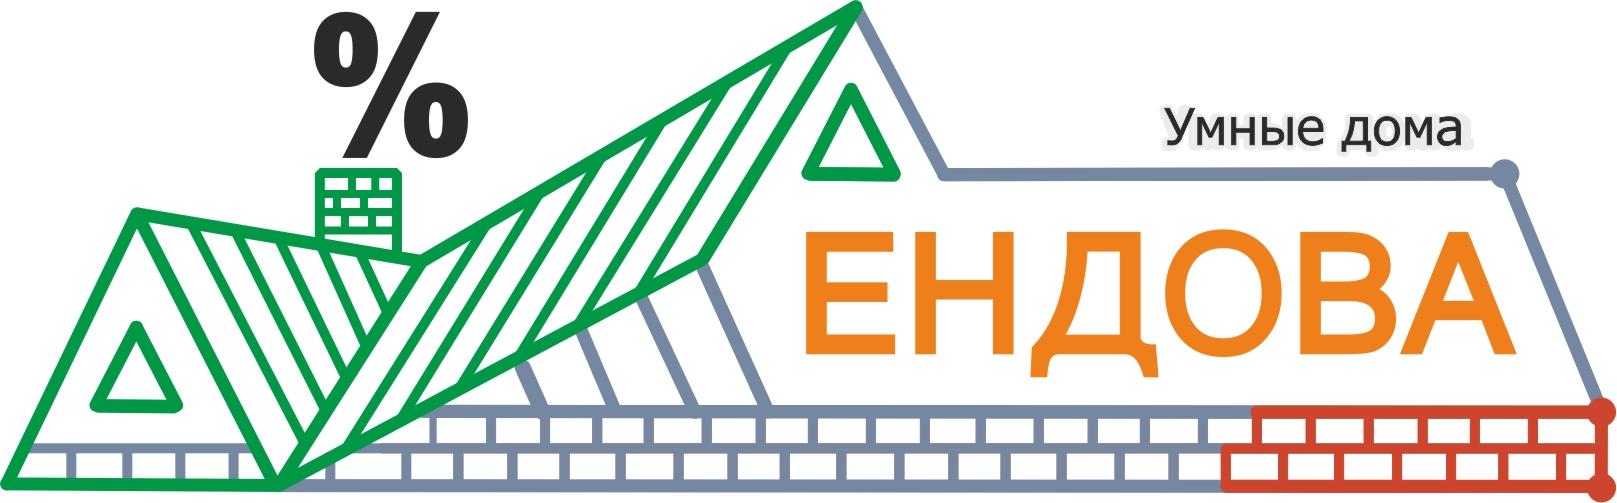 Строительство домов под ключ| ENDOVA.BY